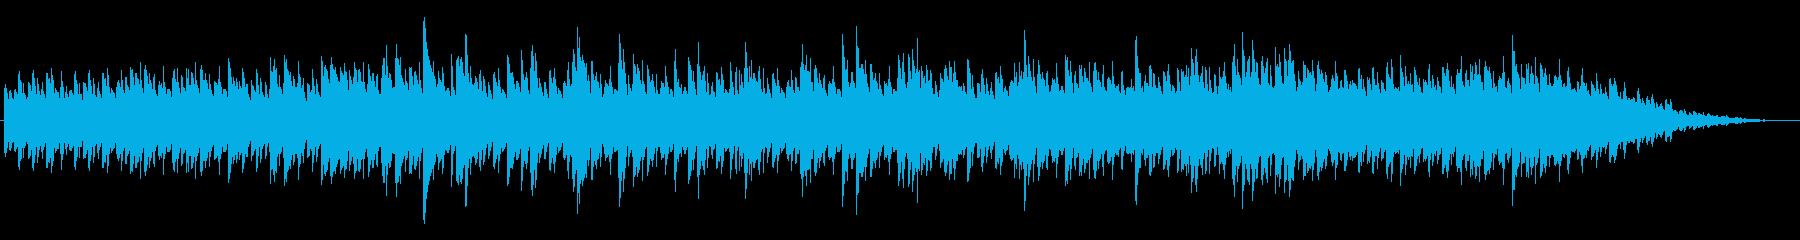 優しいミニマルピアノアンビエントの再生済みの波形